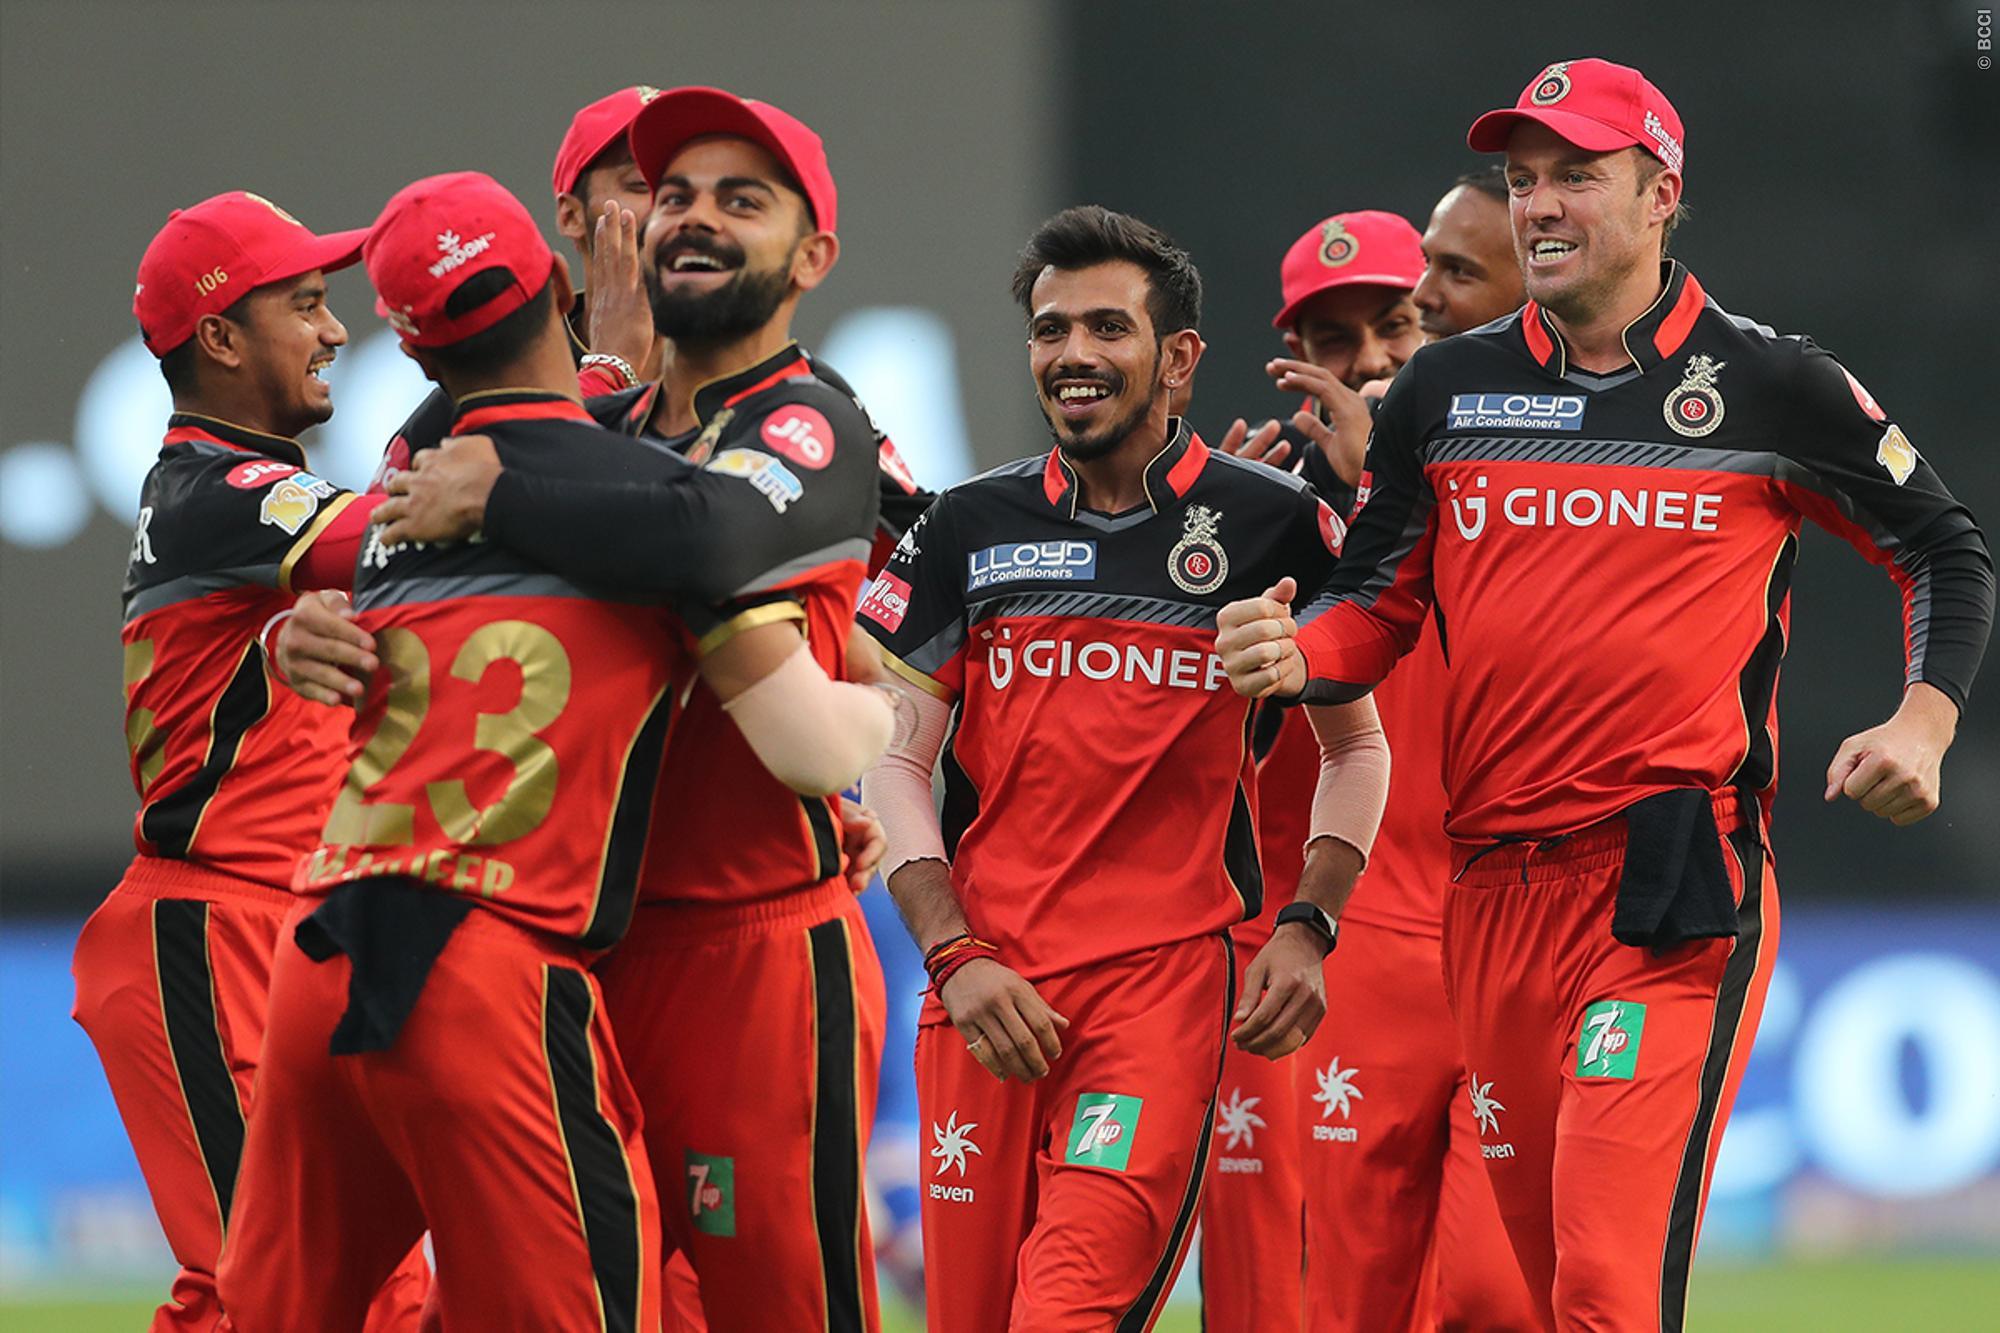 IPL 2019: इस 11 सदस्यीय टीम के साथ मुंबई इंडियंस के खिलाफ उतर सकती है रॉयल चैलेंजर्स बैंगलोर, टीम में होंगे ये 2 बदलाव 26